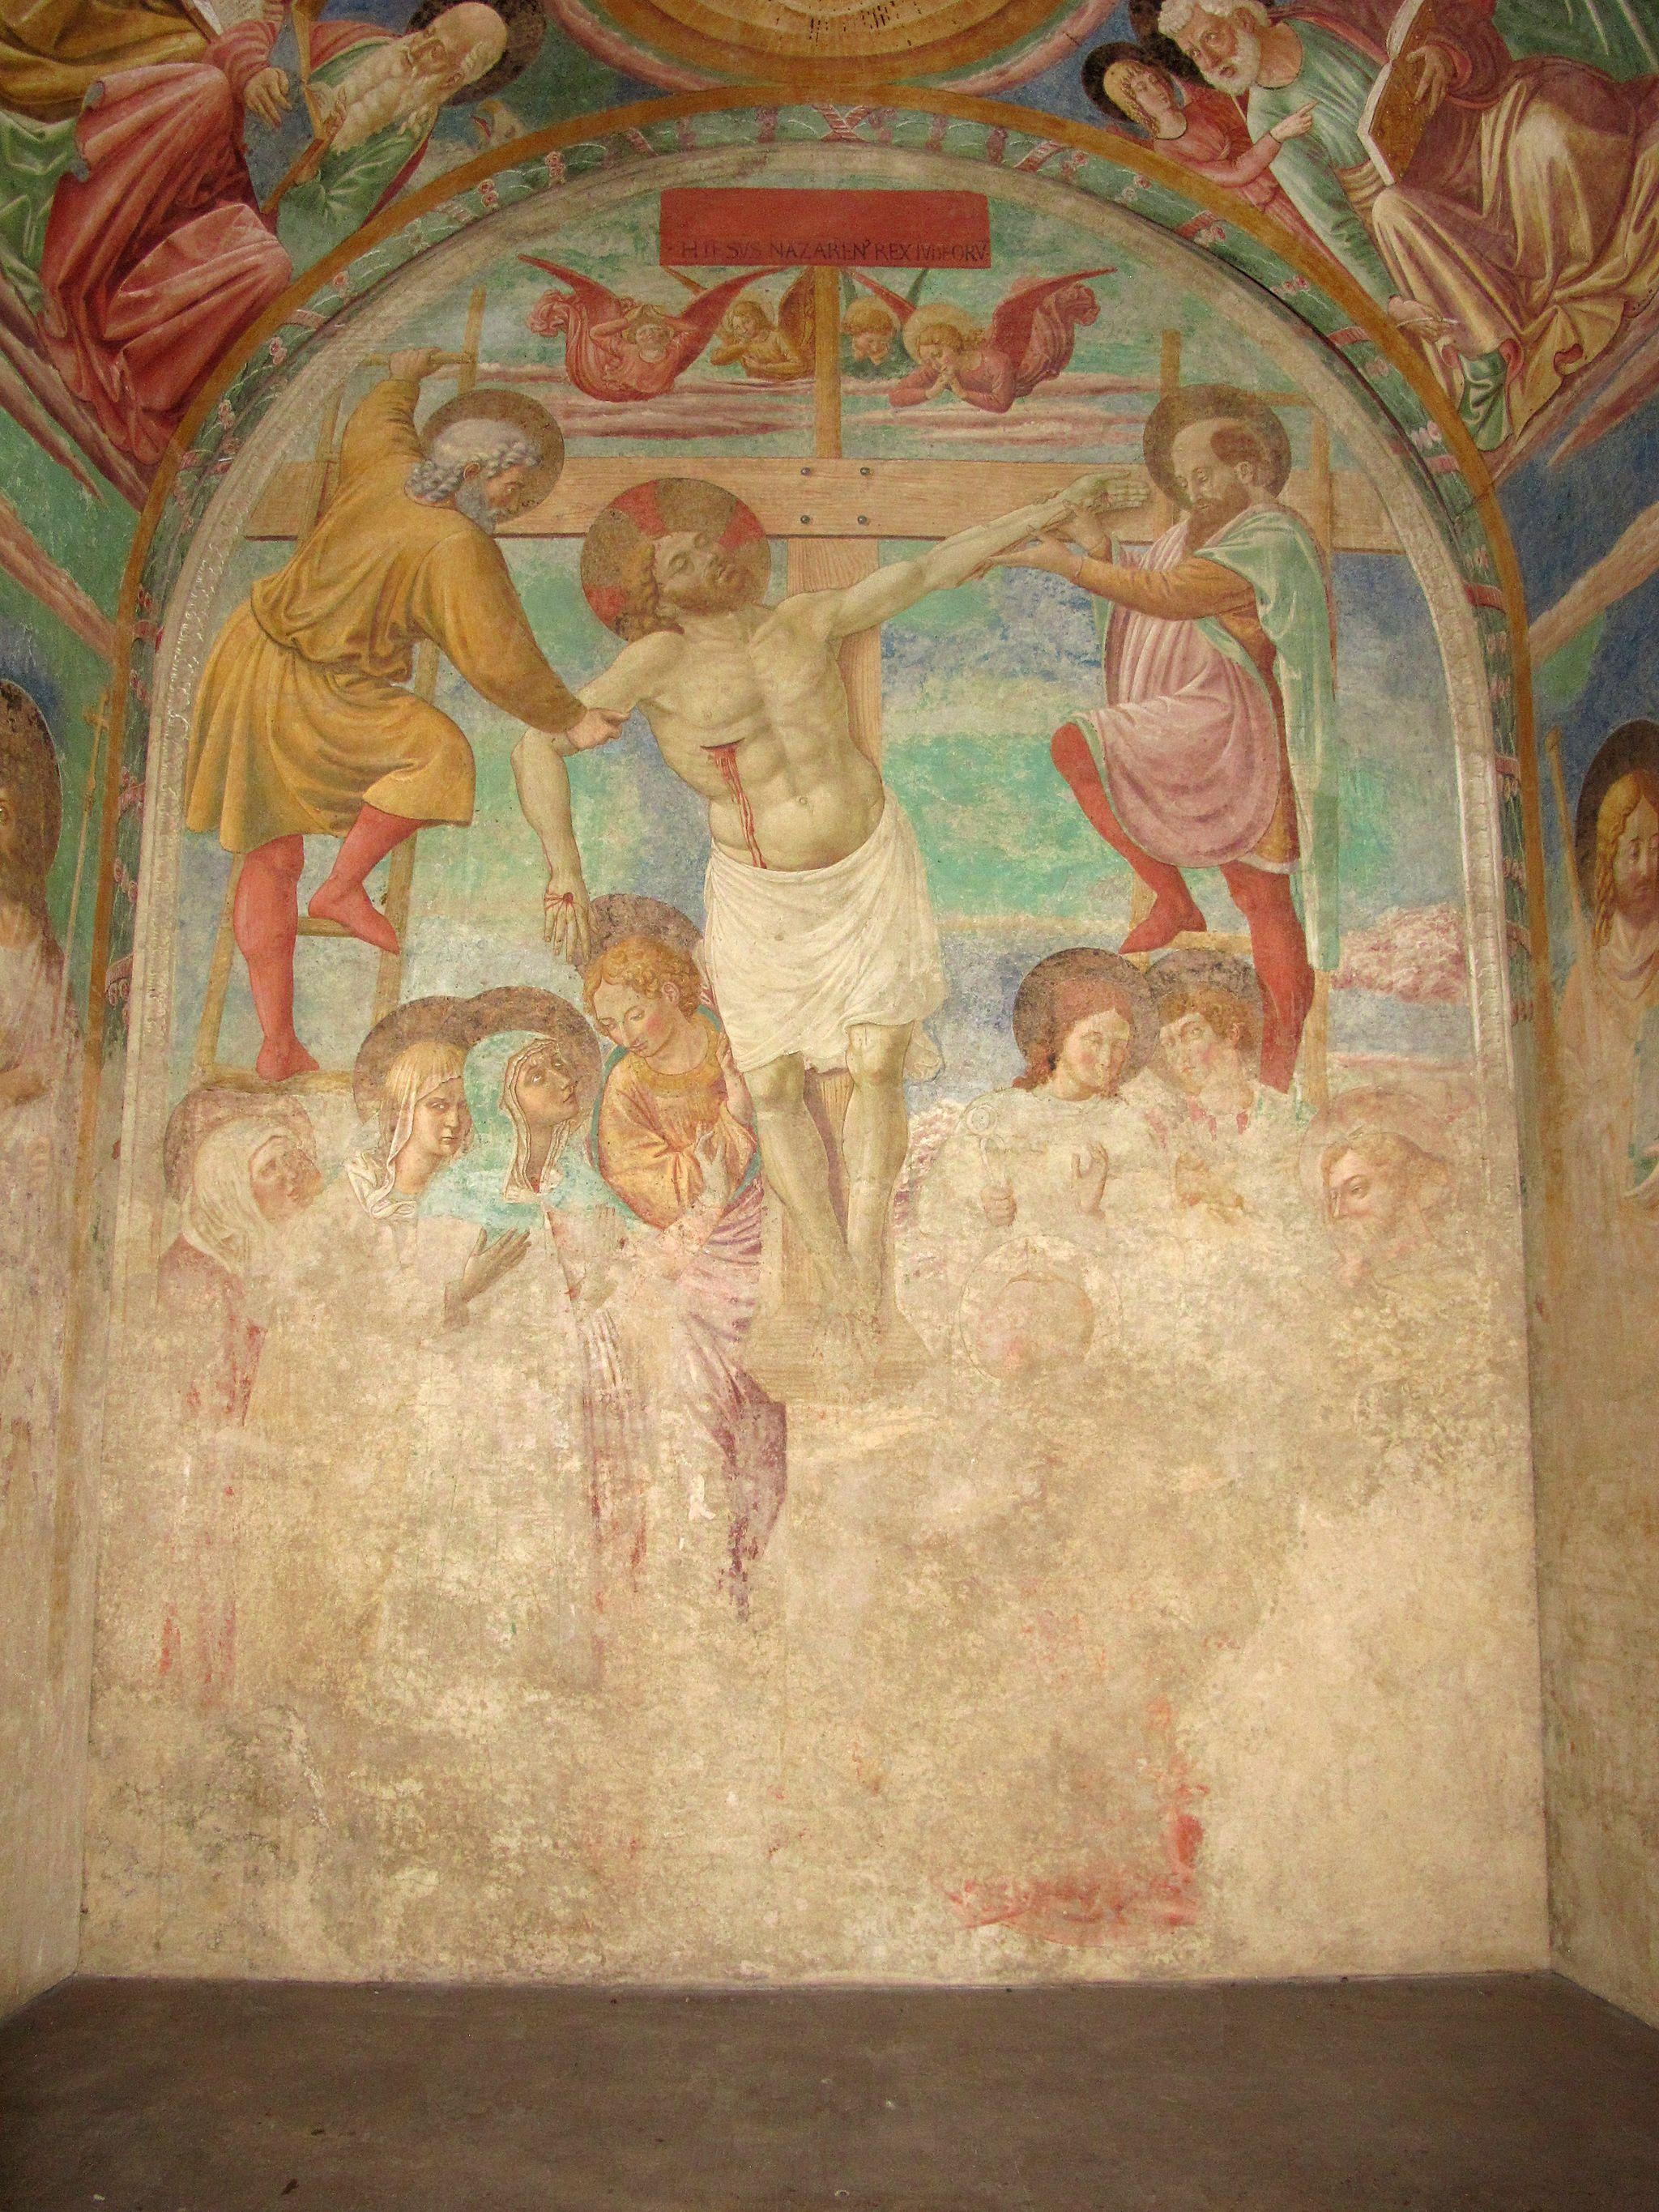 Certaldo, affreschi del tabernacolo dei giustiziati (Deposizione dalla Croce, facciata principale, dettaglio), opera di Benozzo Gozzoli